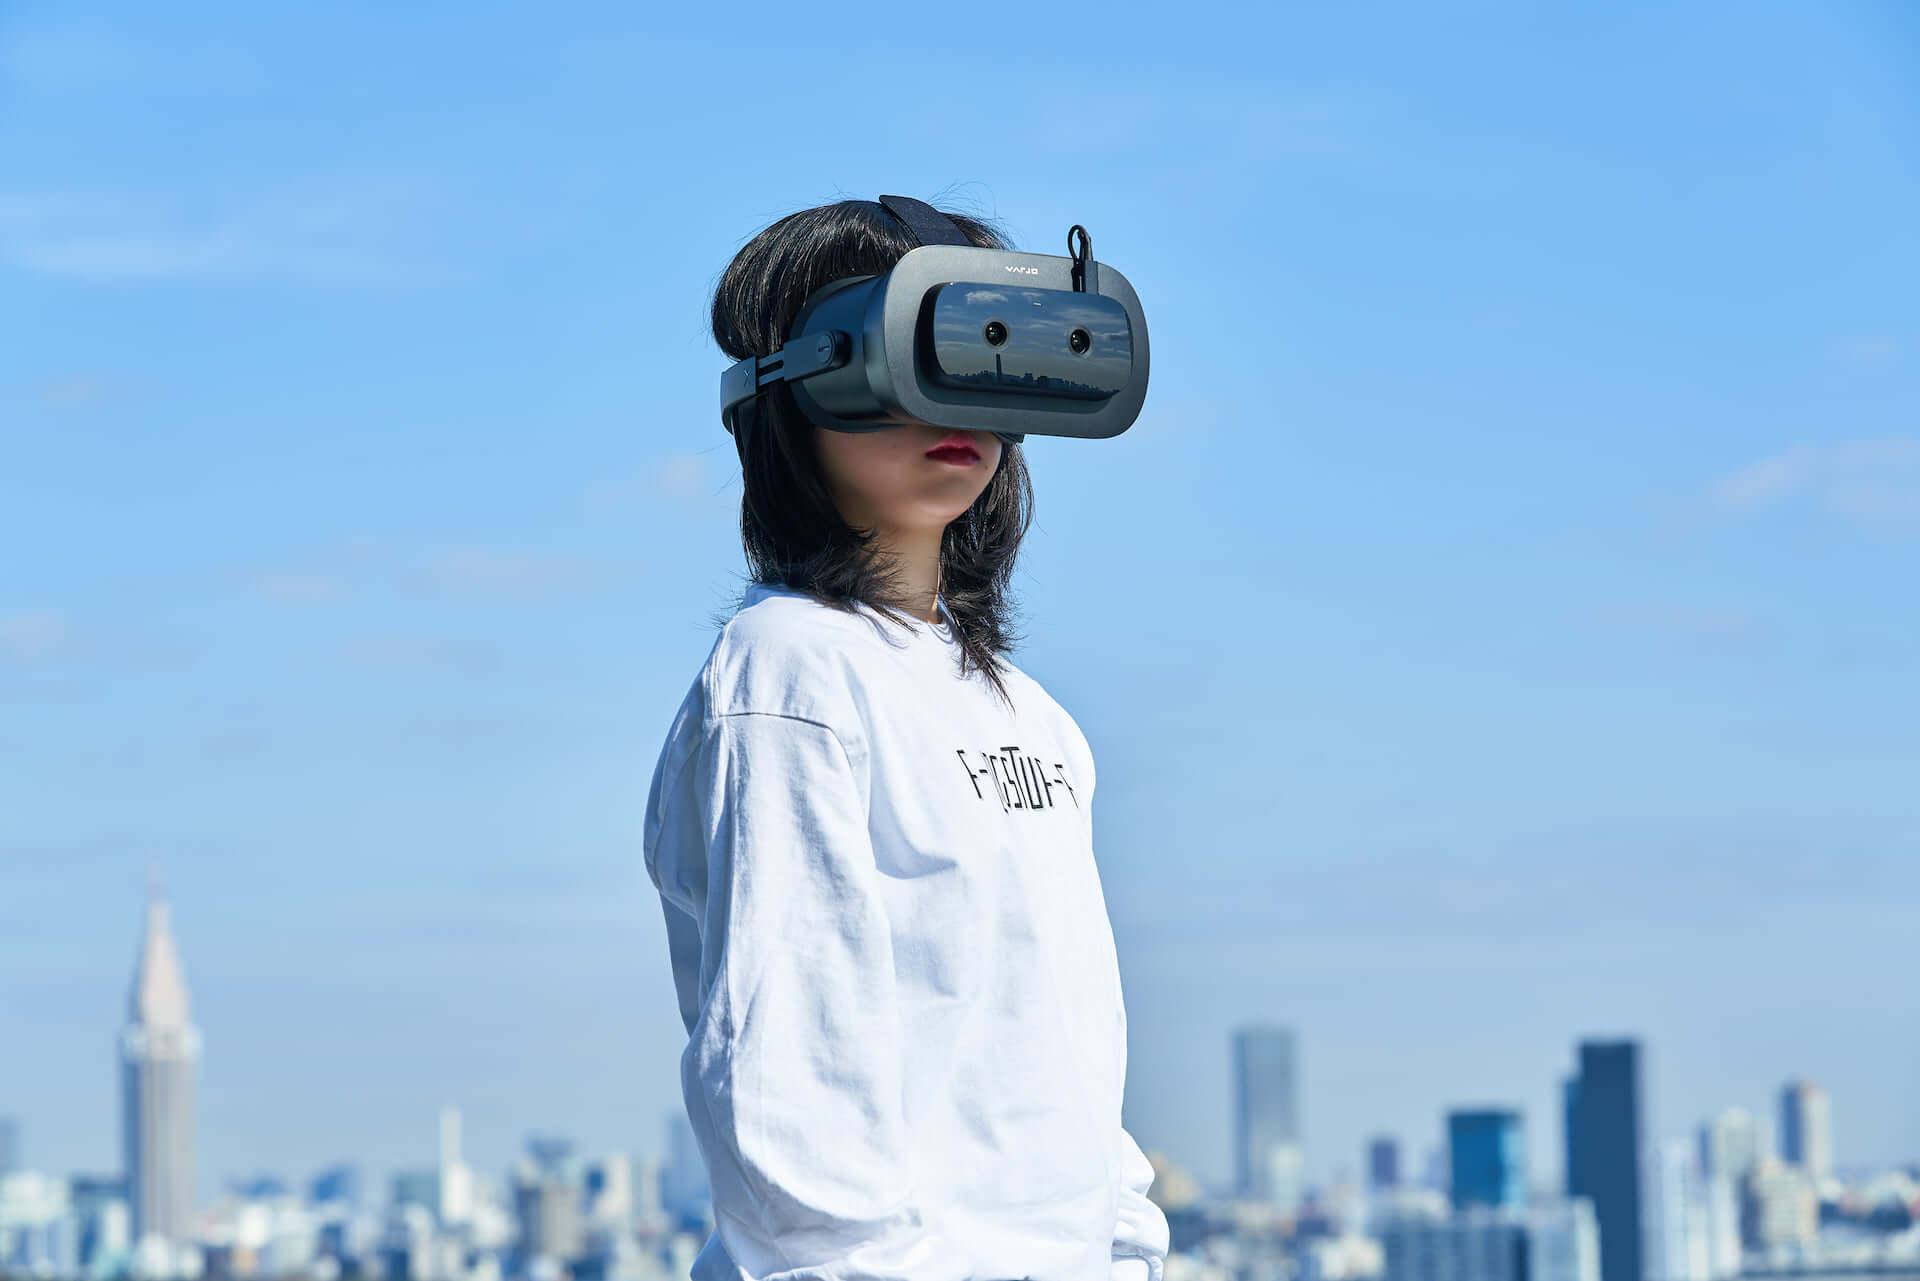 『攻殻機動隊』やSUPER DOMMUNEとコラボ!次世代の拡張体験を提供する「渋谷5Gエンターテイメントプロジェクト」の新コンテンツが発表 tech200324_shibuya_5g_7-1920x1281